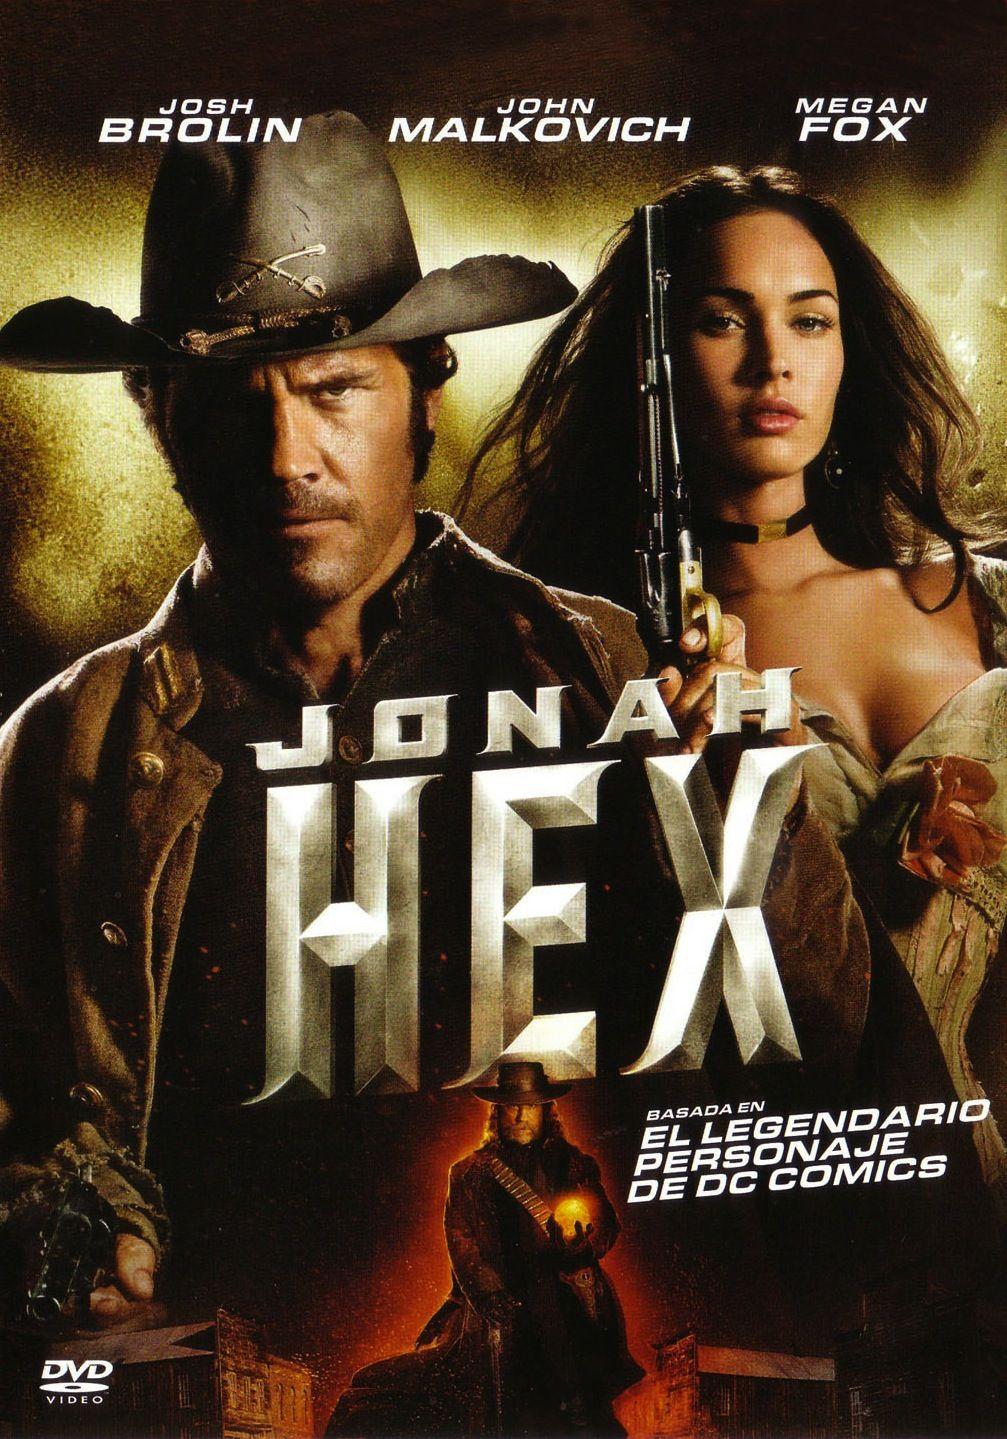 Series De Television Y Peliculas Jonah Hex Dvdrip Latino Mf Peliculas Cine Poster De Peliculas Peliculas Clasicas